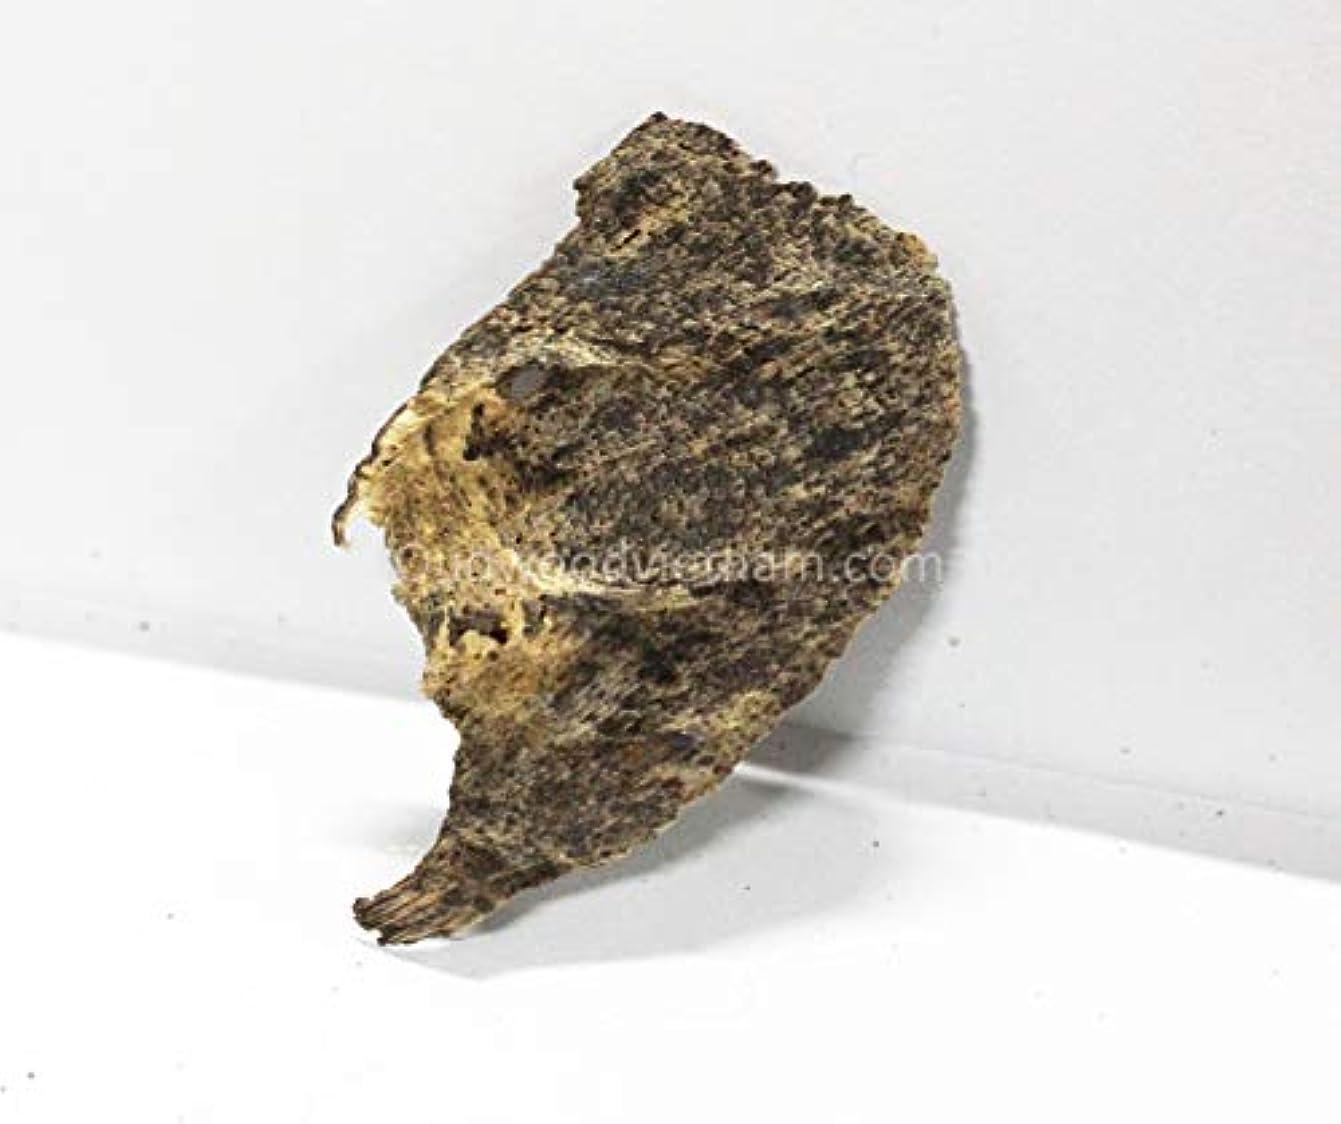 火山学者拒絶する霊アガーウッドチップ オウドチップス お香 アロマ ナチュラル ワイルド レア アガーウッド チップ オードウッド ベトナム 純素材 グレード A++ 50g